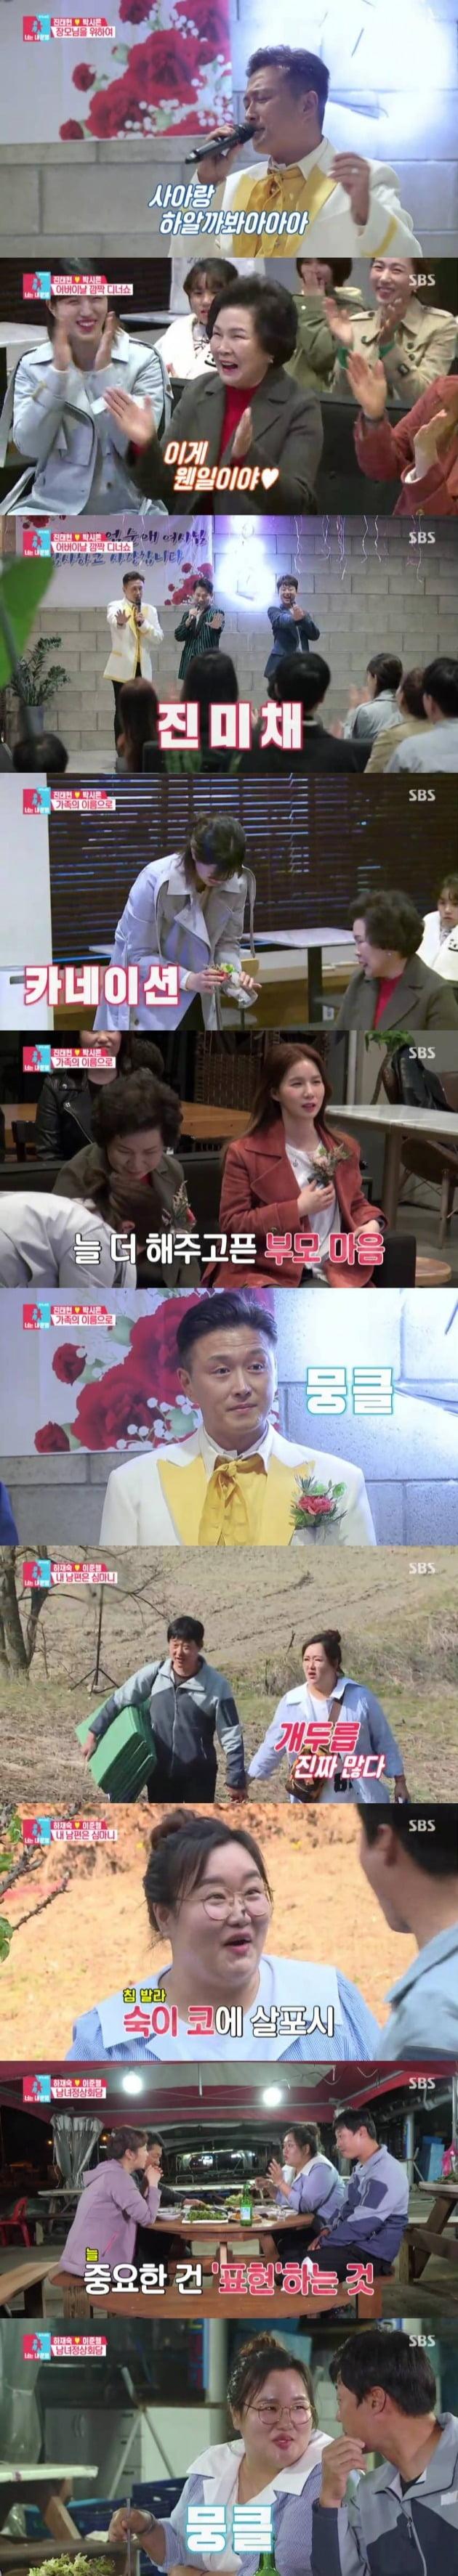 '동상이몽2' 진태현-박시은네 가족, 하재숙-이준행 부부 / 사진=SBS 방송 캡처